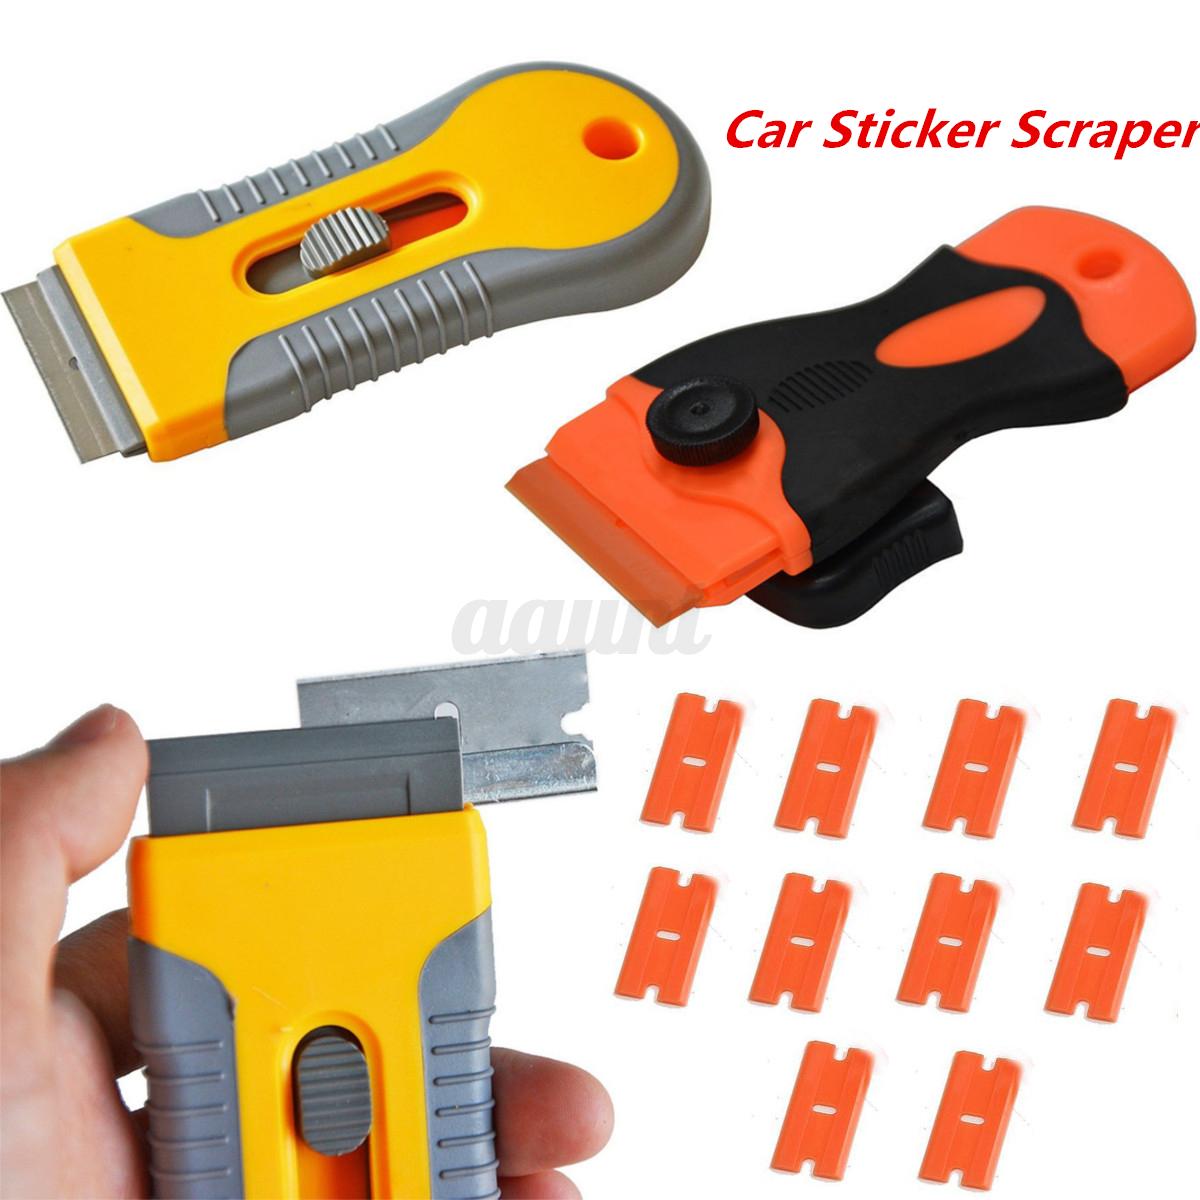 Plastic Car Sticker Remover Edge Blade Razor Scraper Set